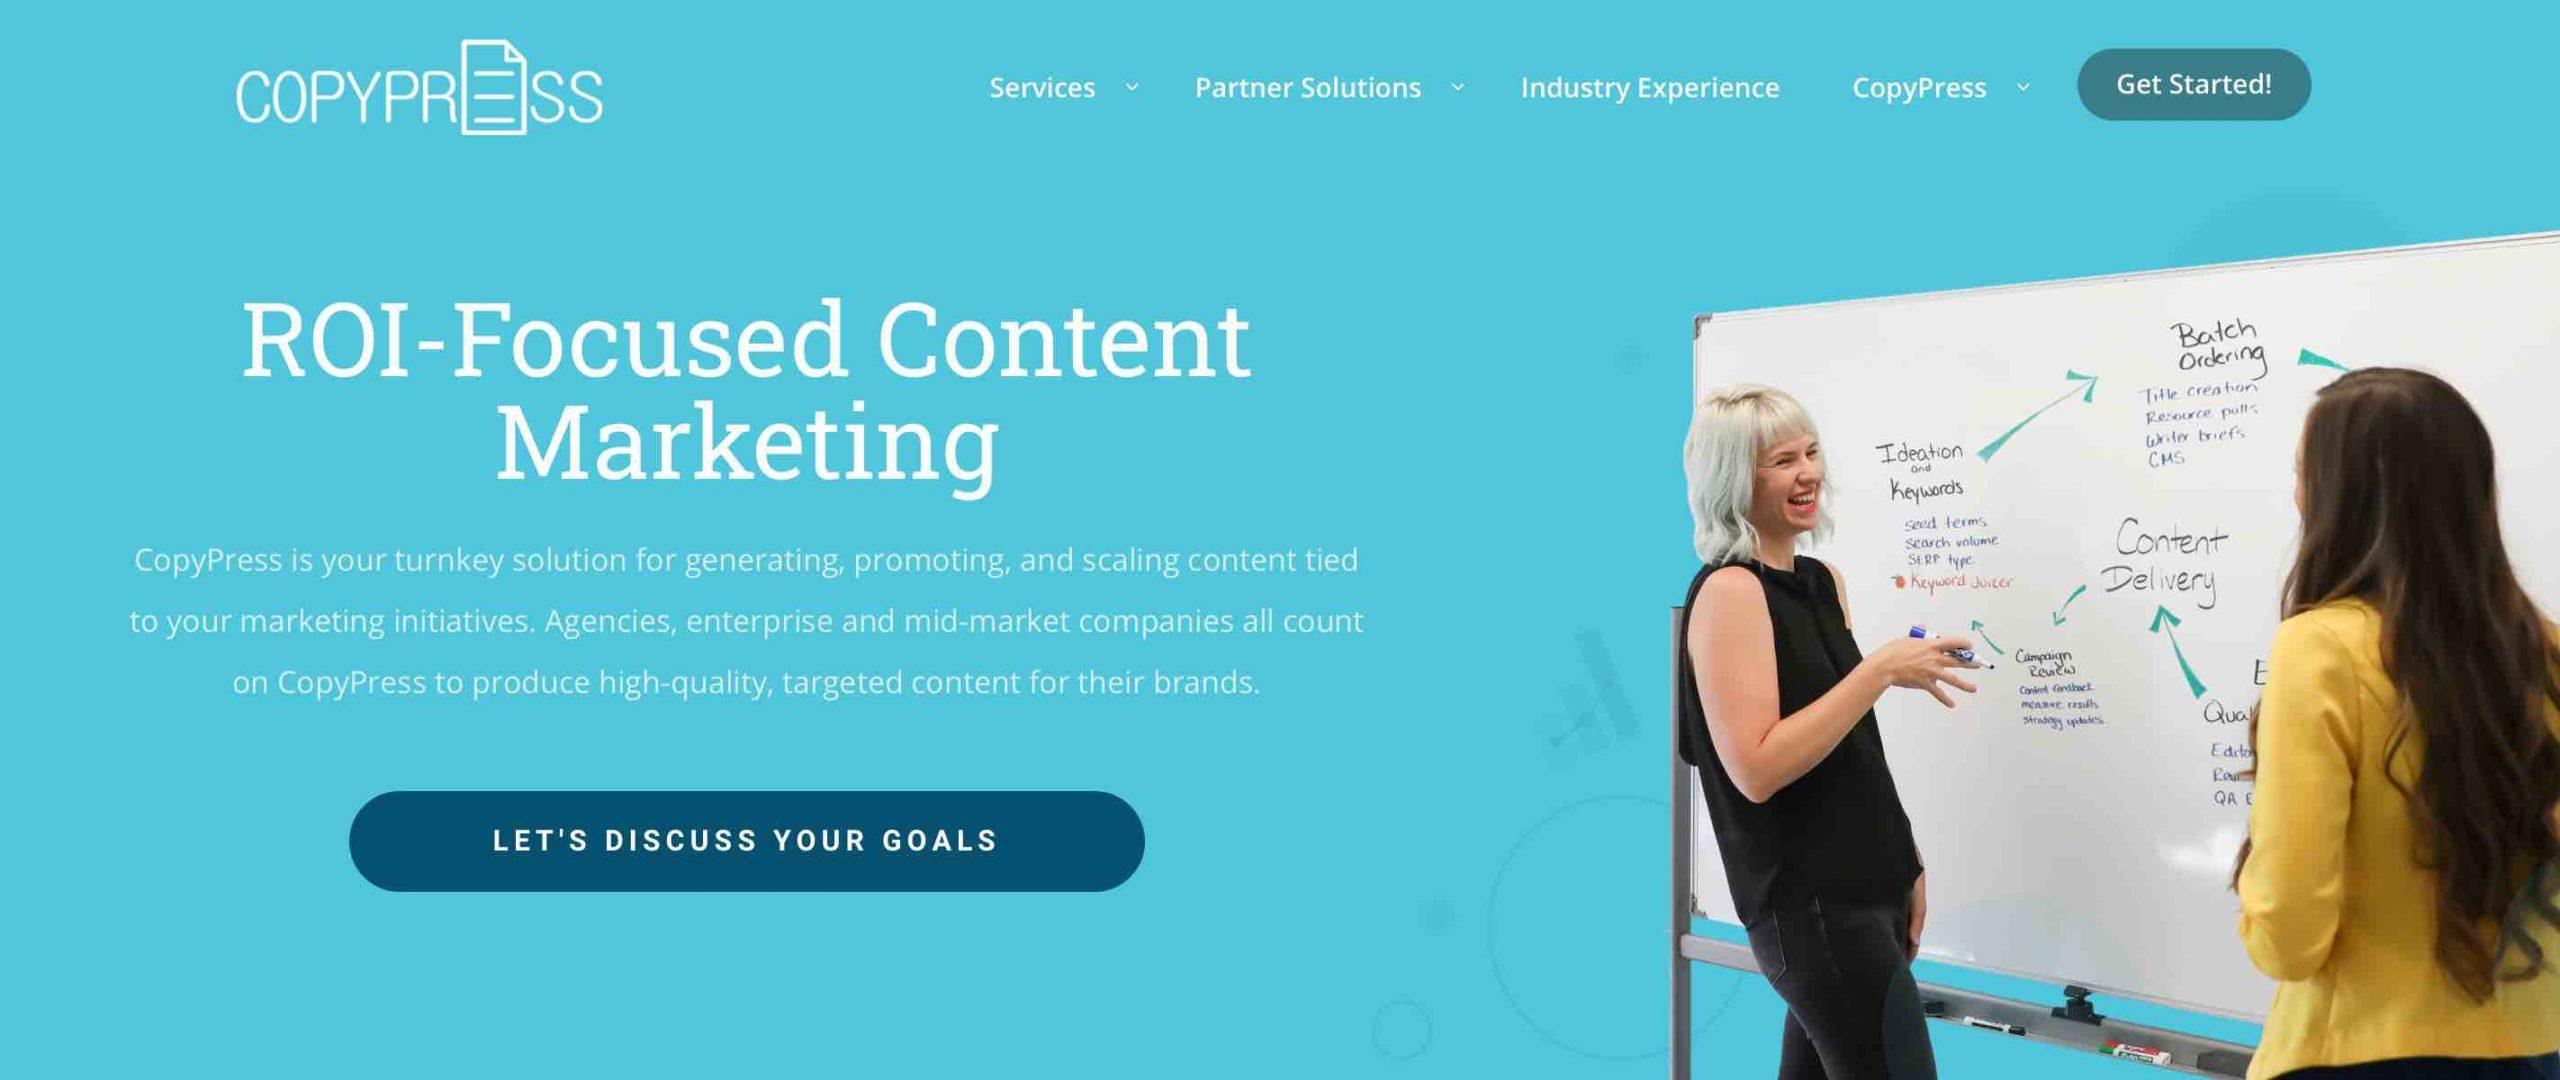 ROI-Focused Content Marketing